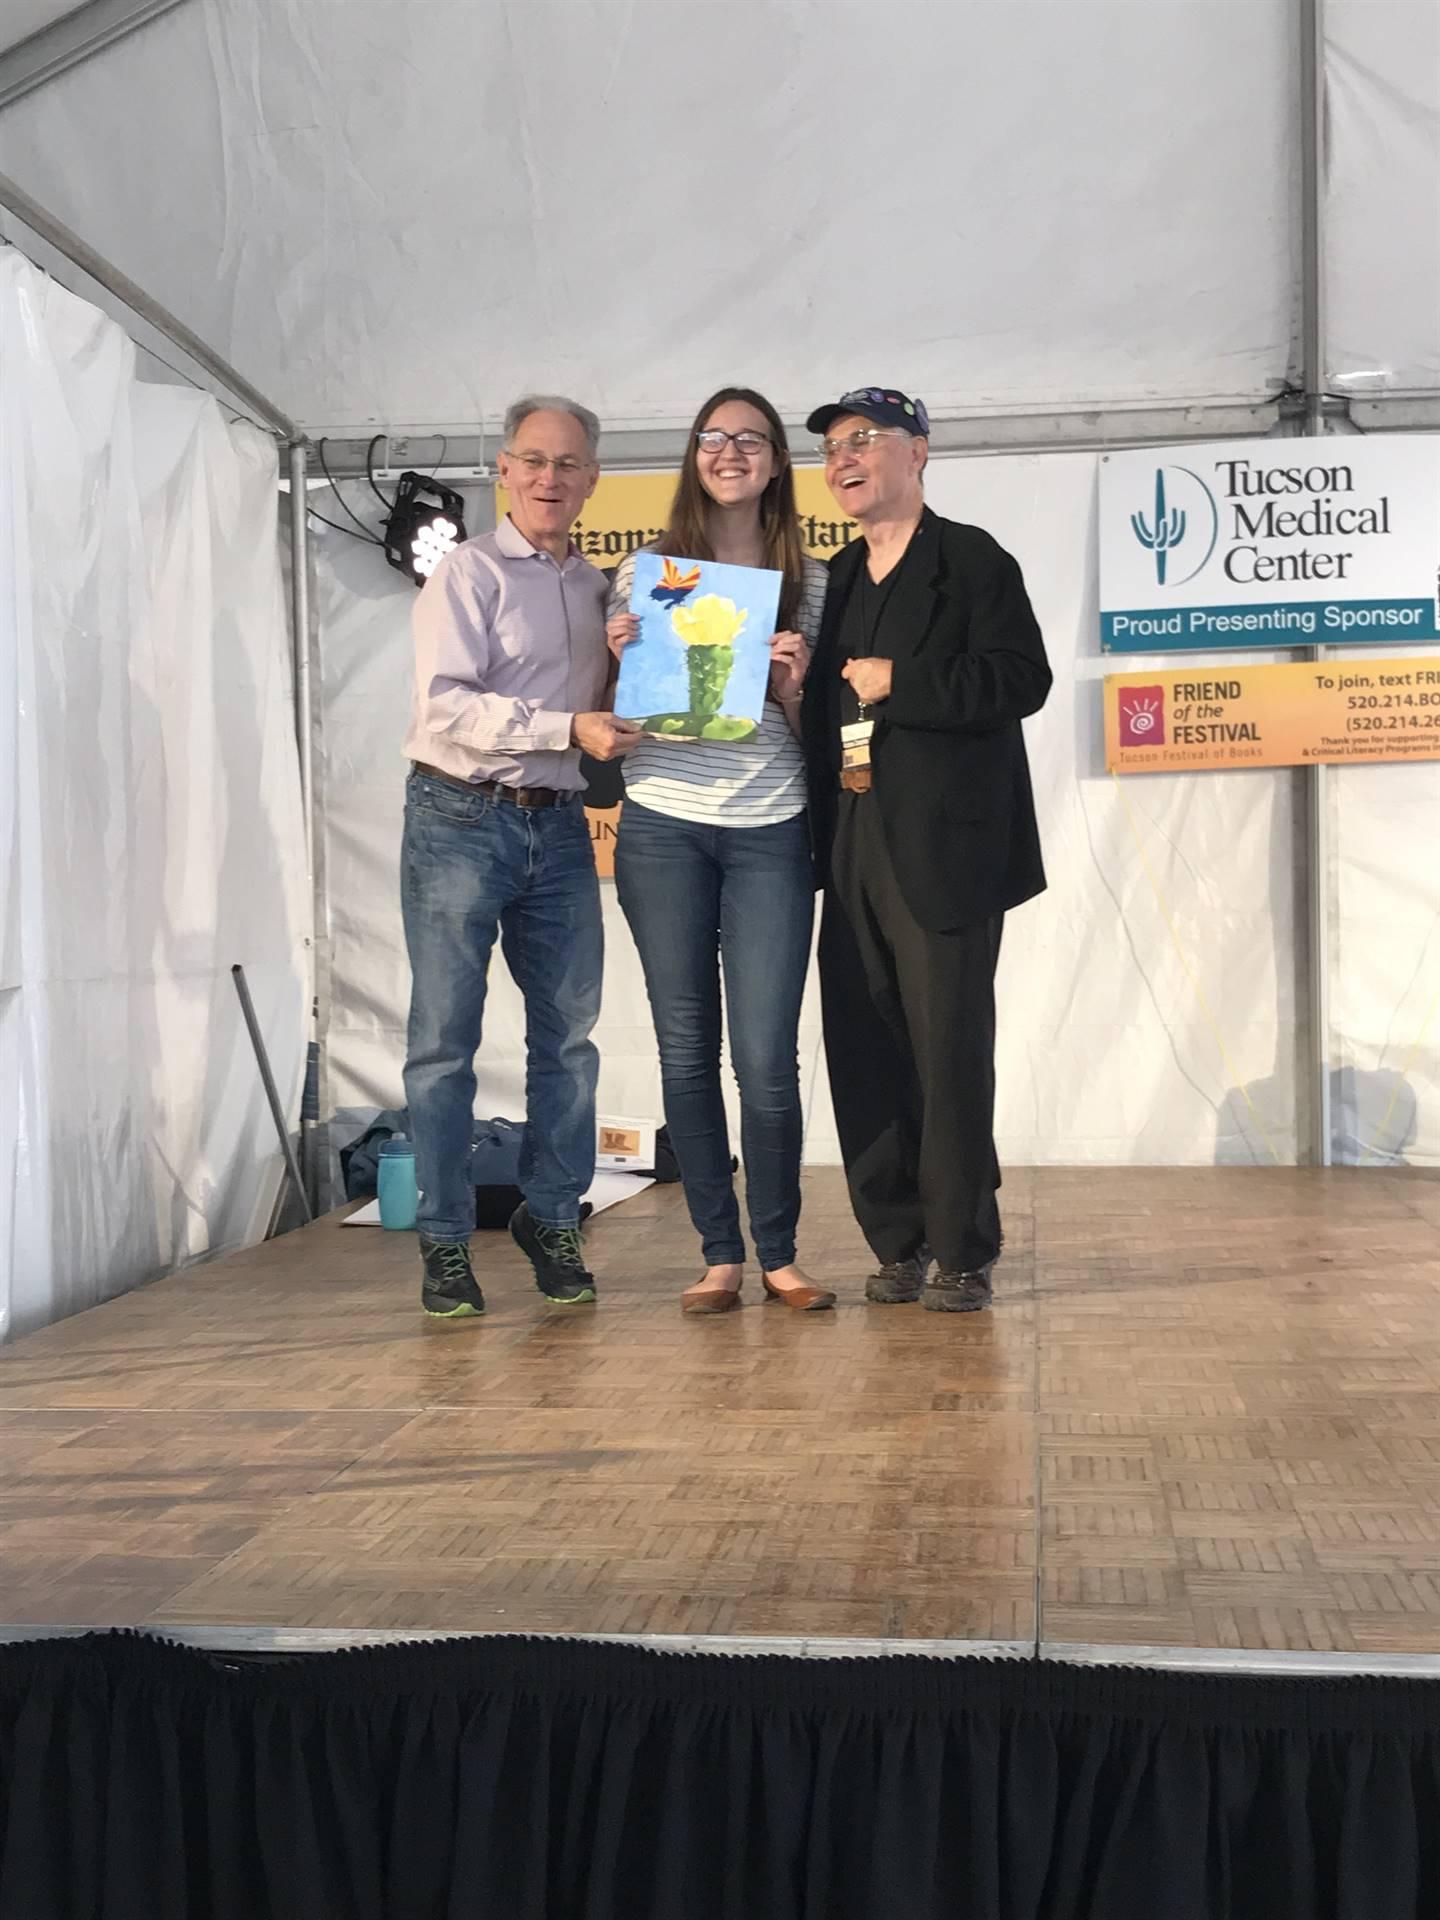 Festival of Books WINNER!